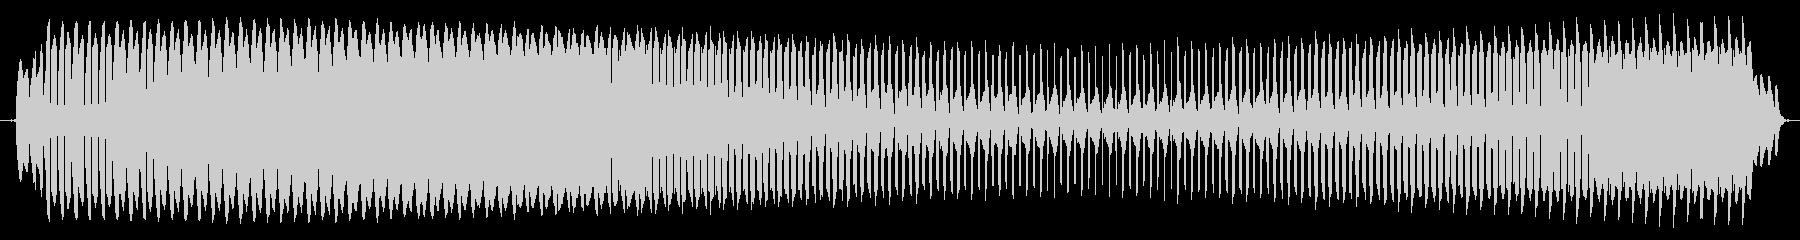 プョォー。クイズ不正解・ブザー音の未再生の波形